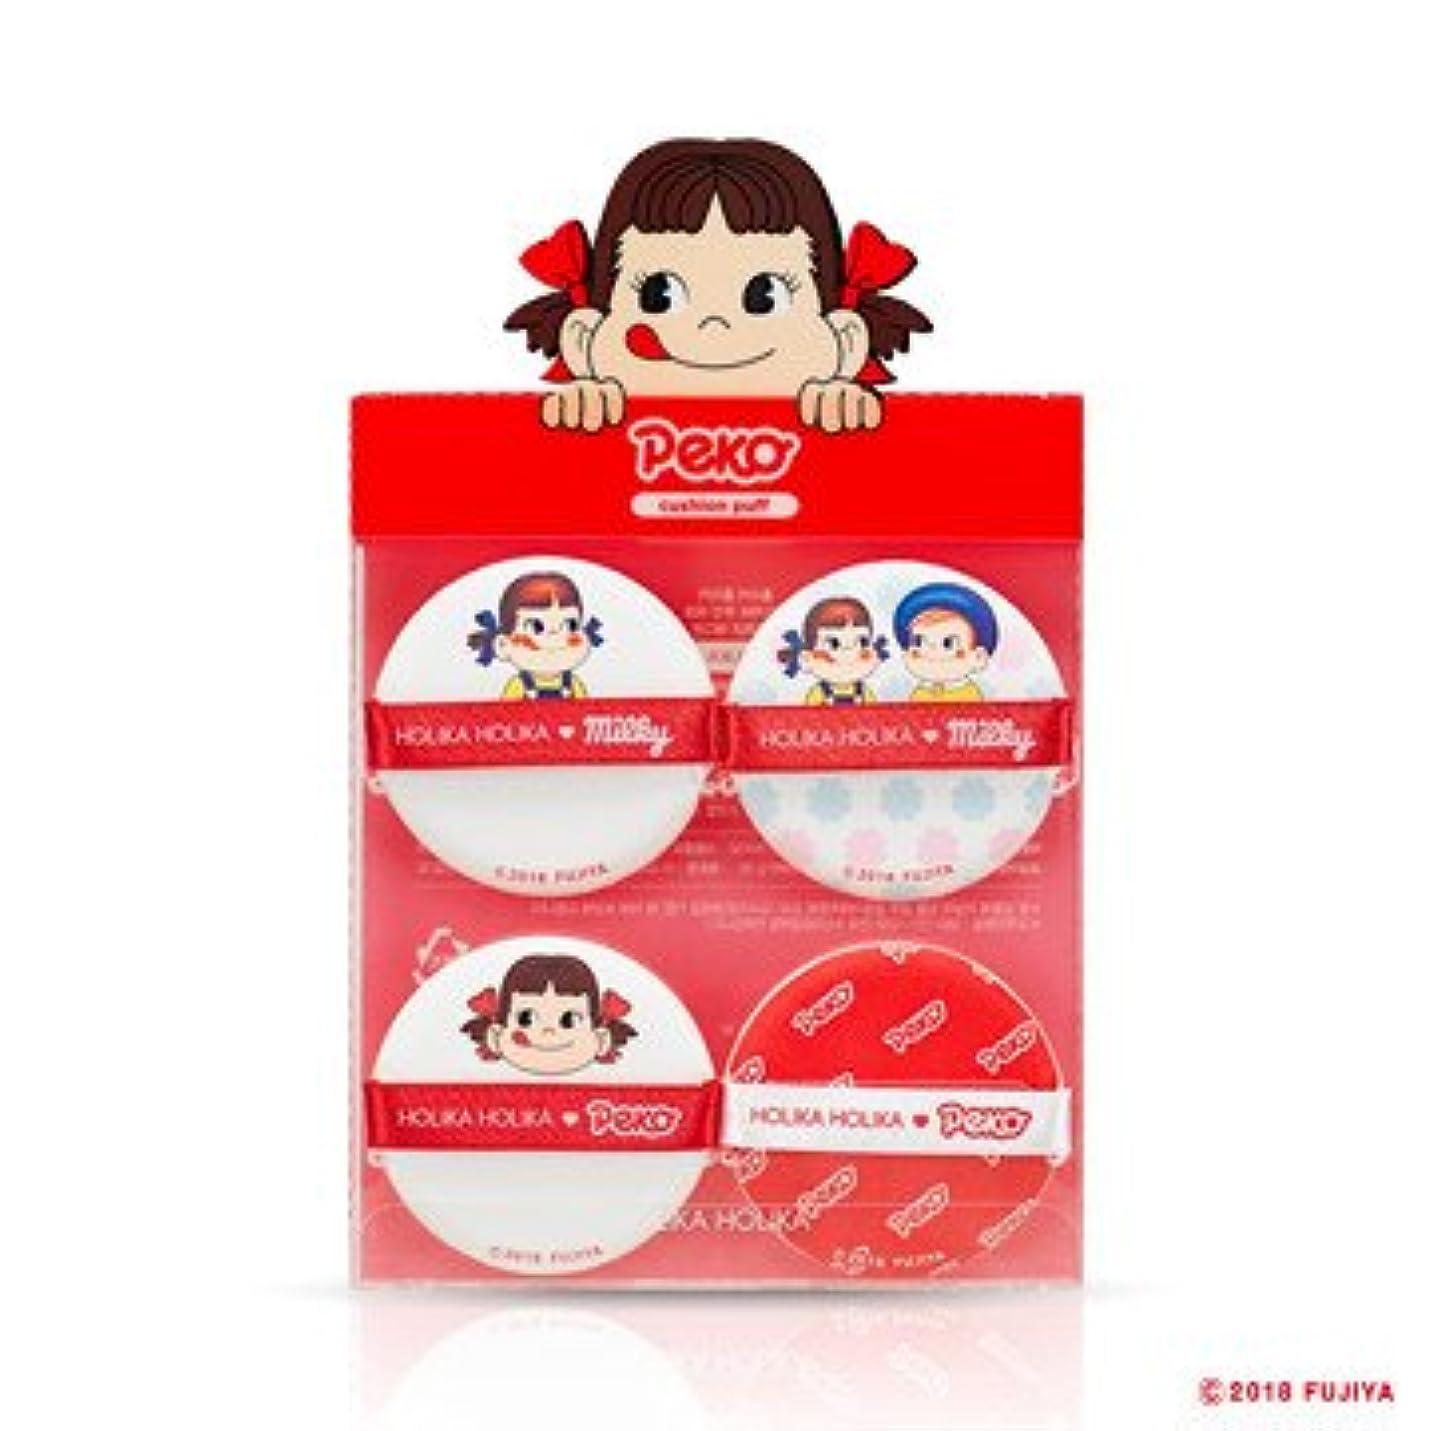 なめらかおもてなし精巧なHolika Holika [Sweet Peko Edition] Hard Cover Cushion Puff(4EA)/ホリカホリカ [スイートペコエディション] ハードカバークッションパフ (4枚入り) [並行輸入品]